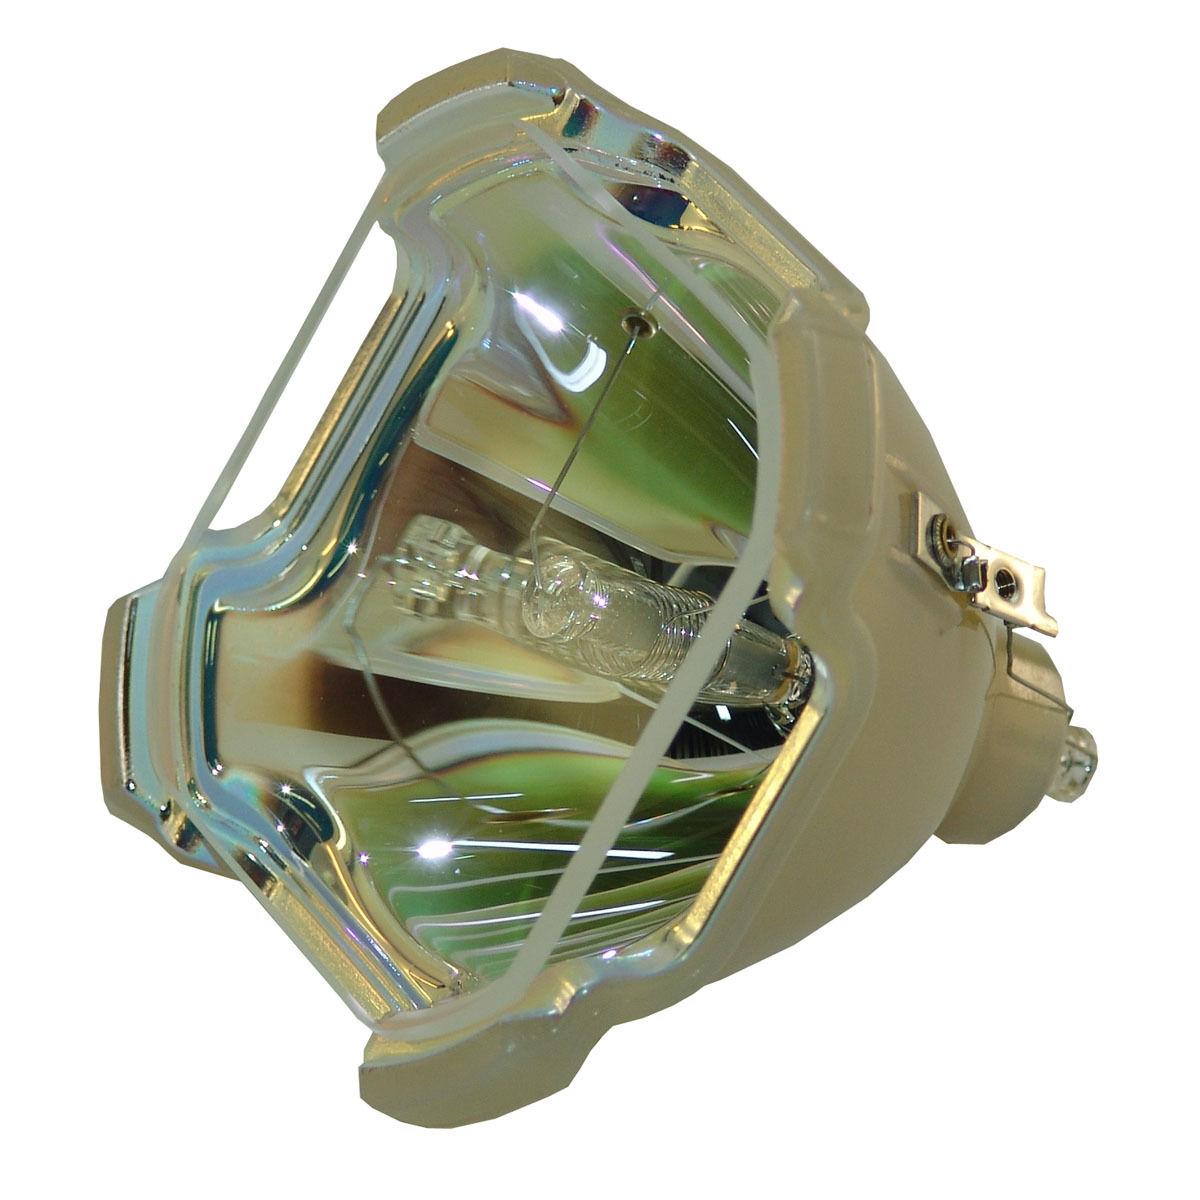 Compatible Bare Bulb POA-LMP101 LMP101 610-328-7362 for SANYO ML-5500 PLC-XP57 PLC-XP57L Projector lamp bulb without housing lamp housing for sanyo 610 3252957 6103252957 projector dlp lcd bulb